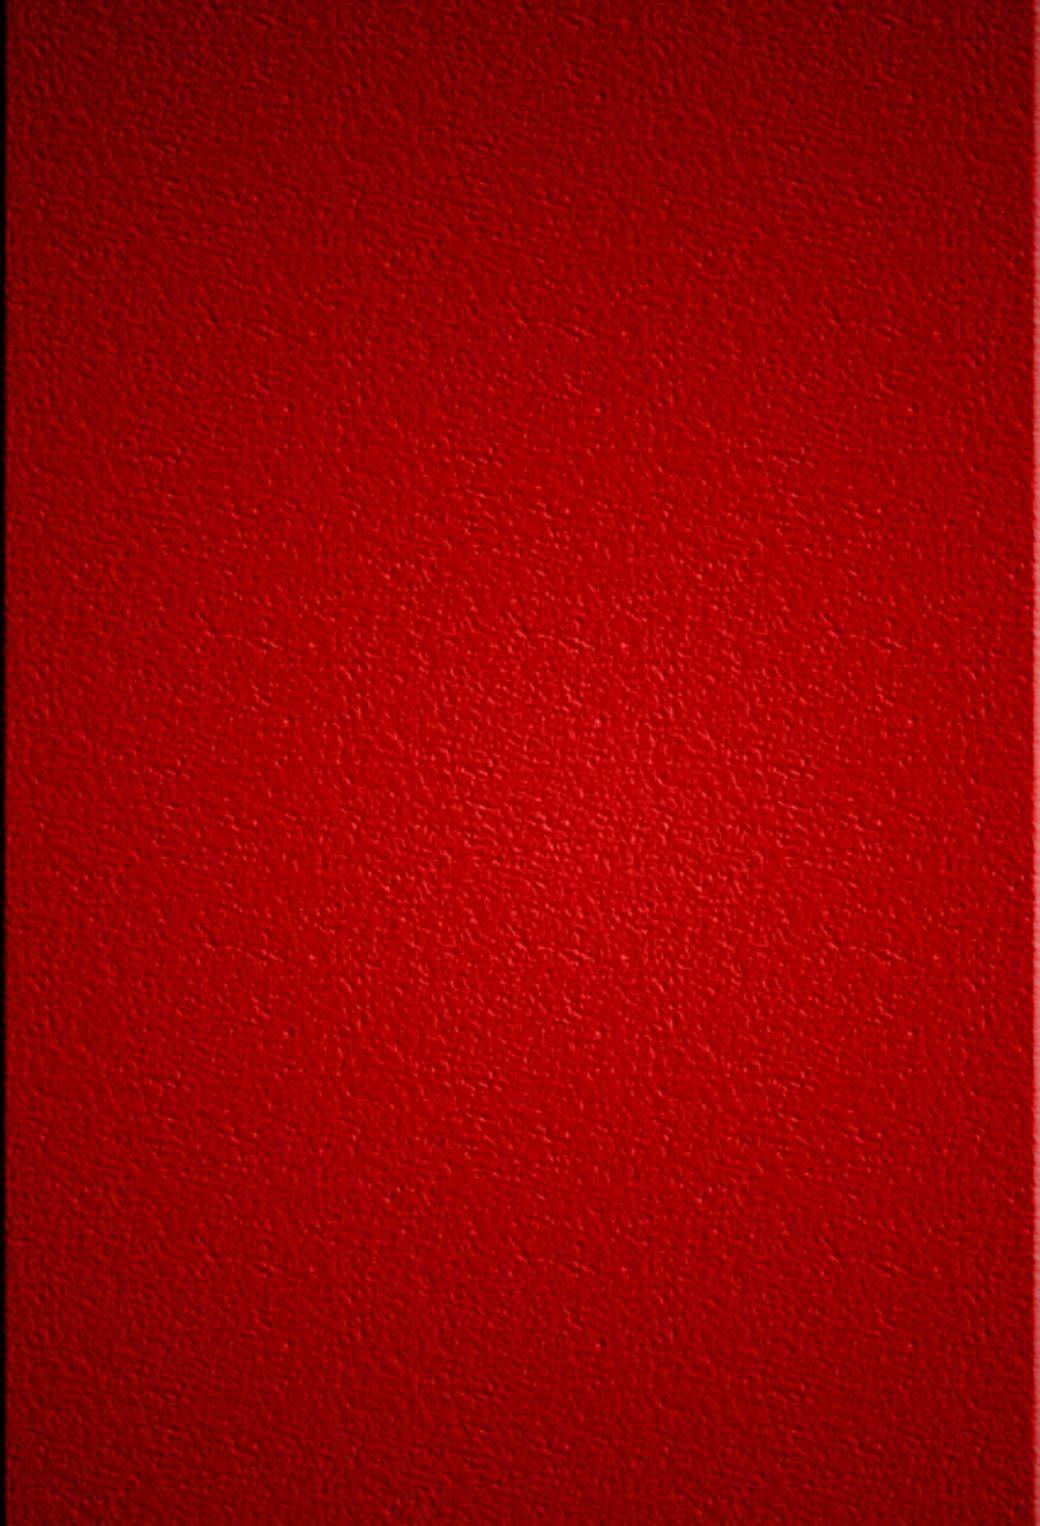 赤 背景 シンプル Google 検索 背景 シンプル かっこいい壁紙